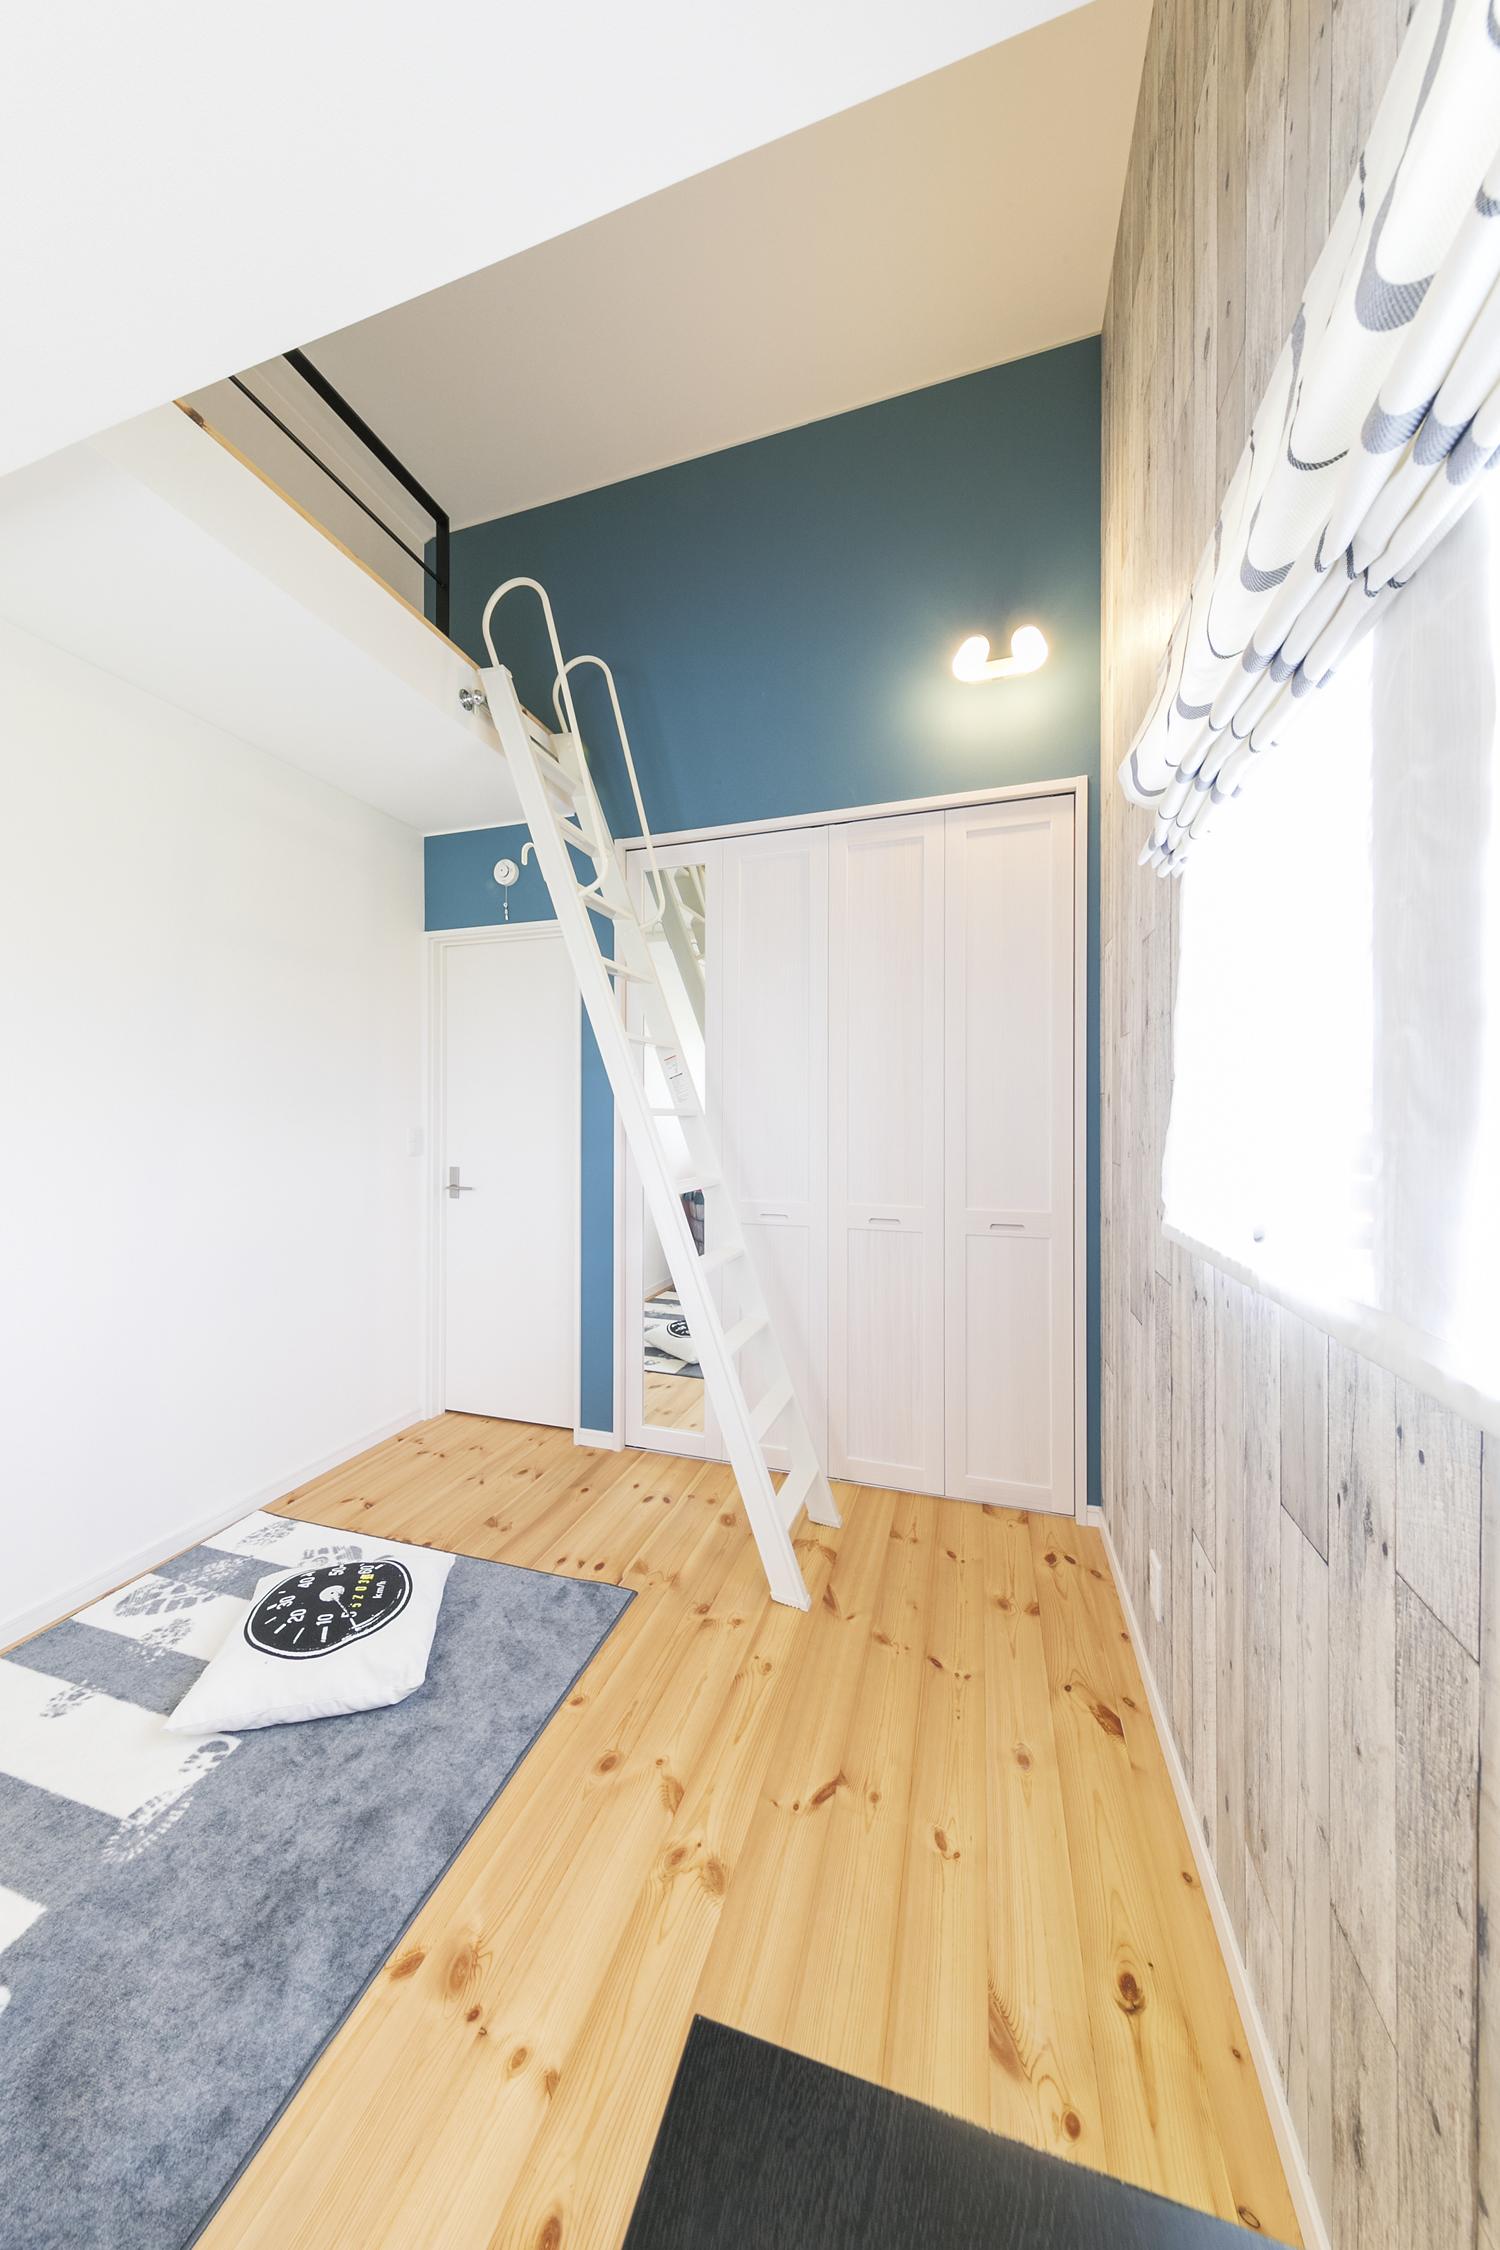 福山市の注文住宅|今井住建の施工事例ギャラリー「空間を有効的に使えるロフトもおススメです」